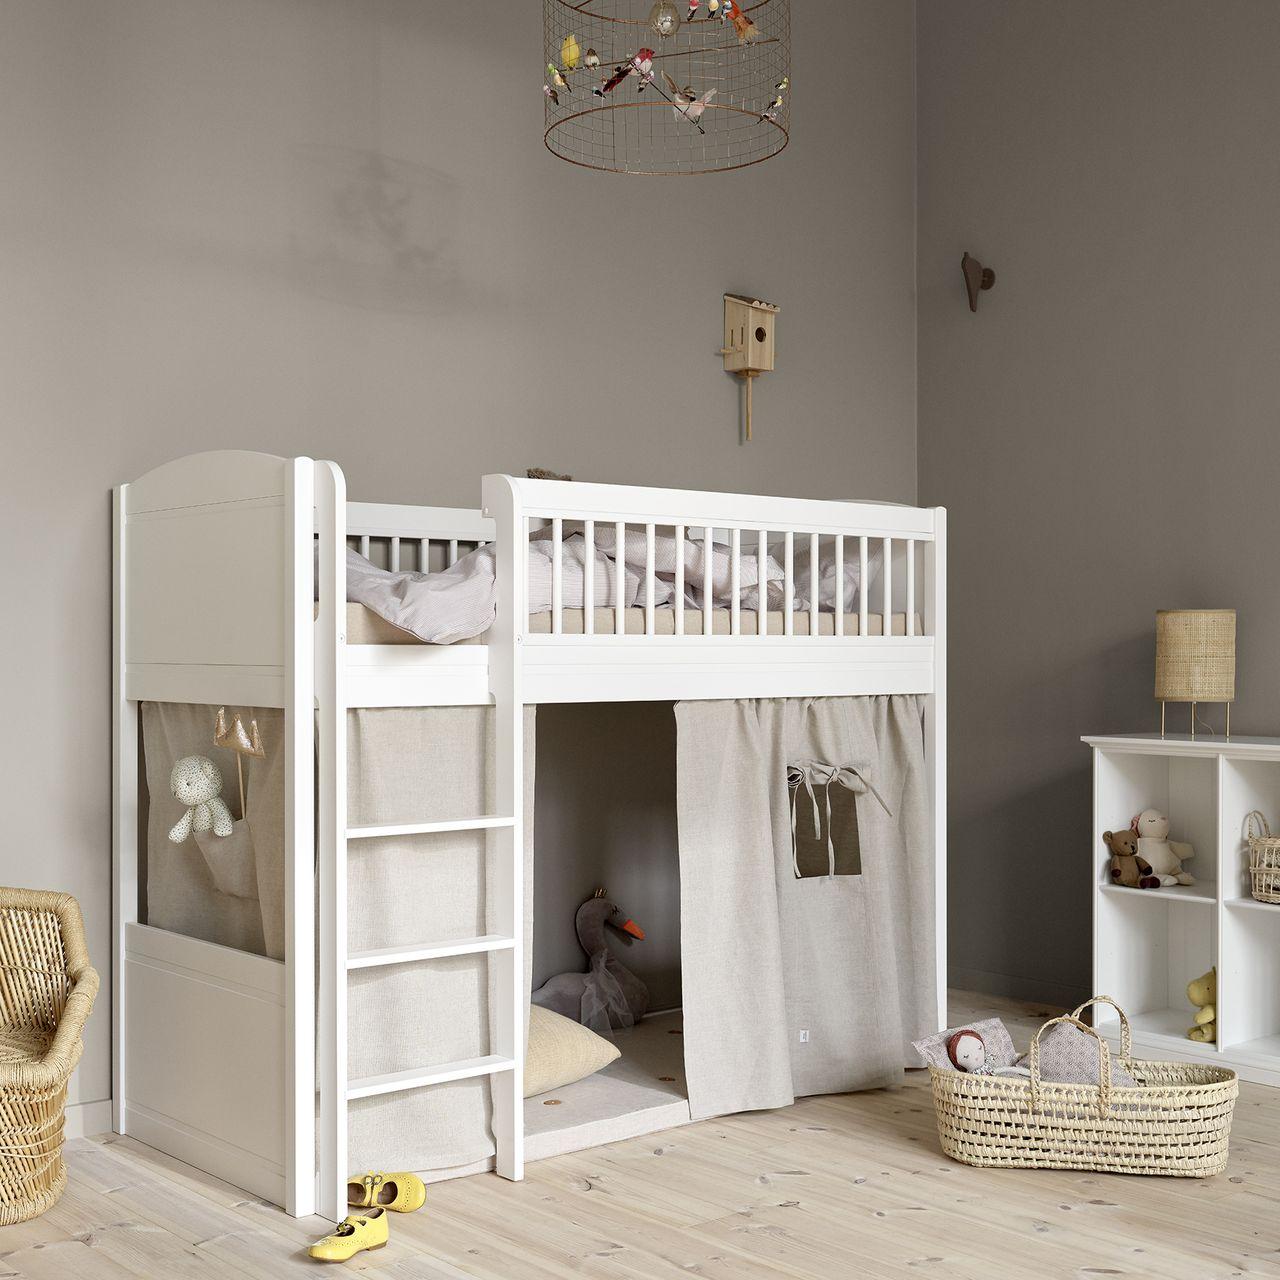 Seaside Lille+ halbhohes Hochbett von Oliver Furniture in Berlin kaufen - Kleine Fabriek